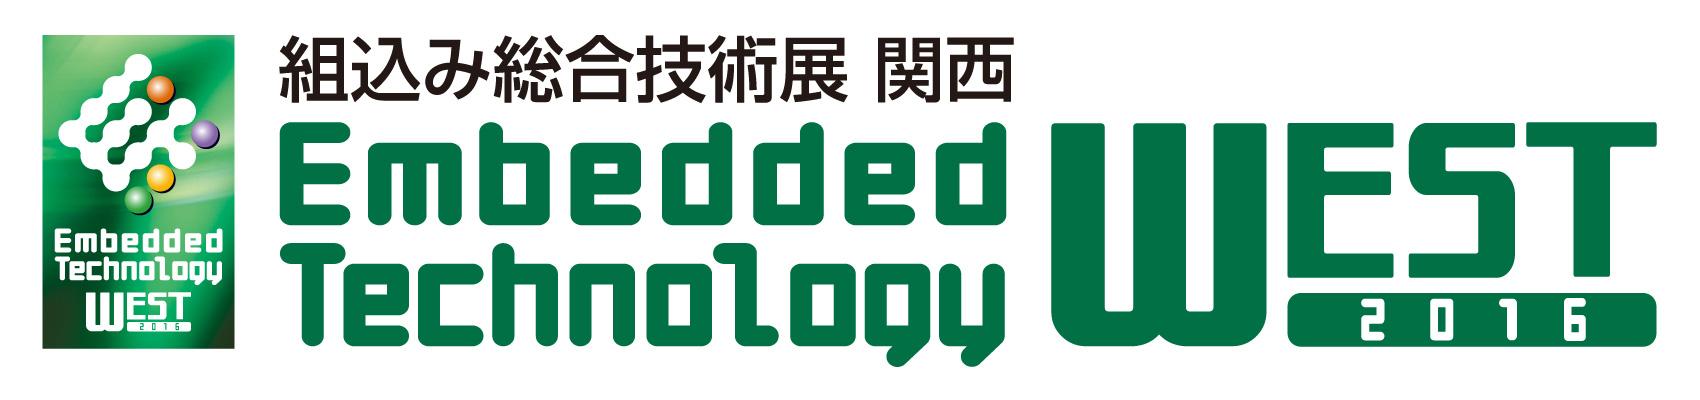 ET West 2016ー坂村会長の基調講演を会員専用ページで公開